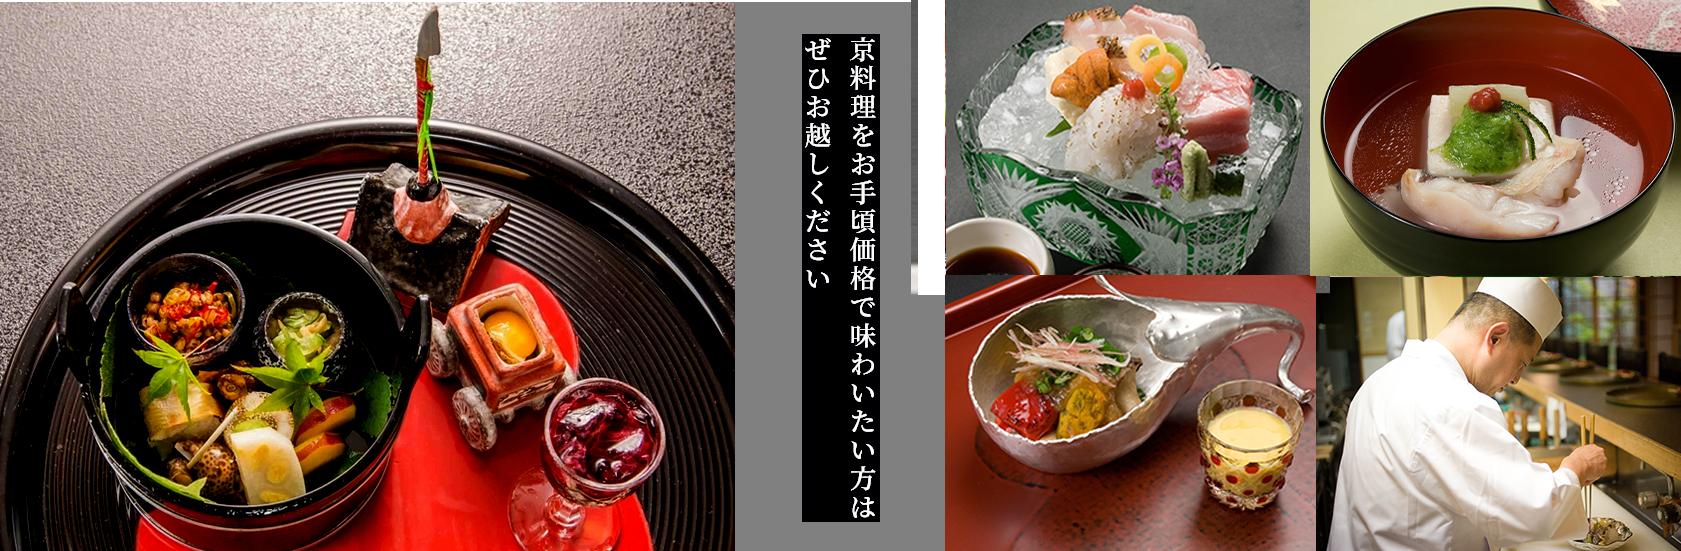 京料理をお手頃価格で味わいたい方はぜひお越しください